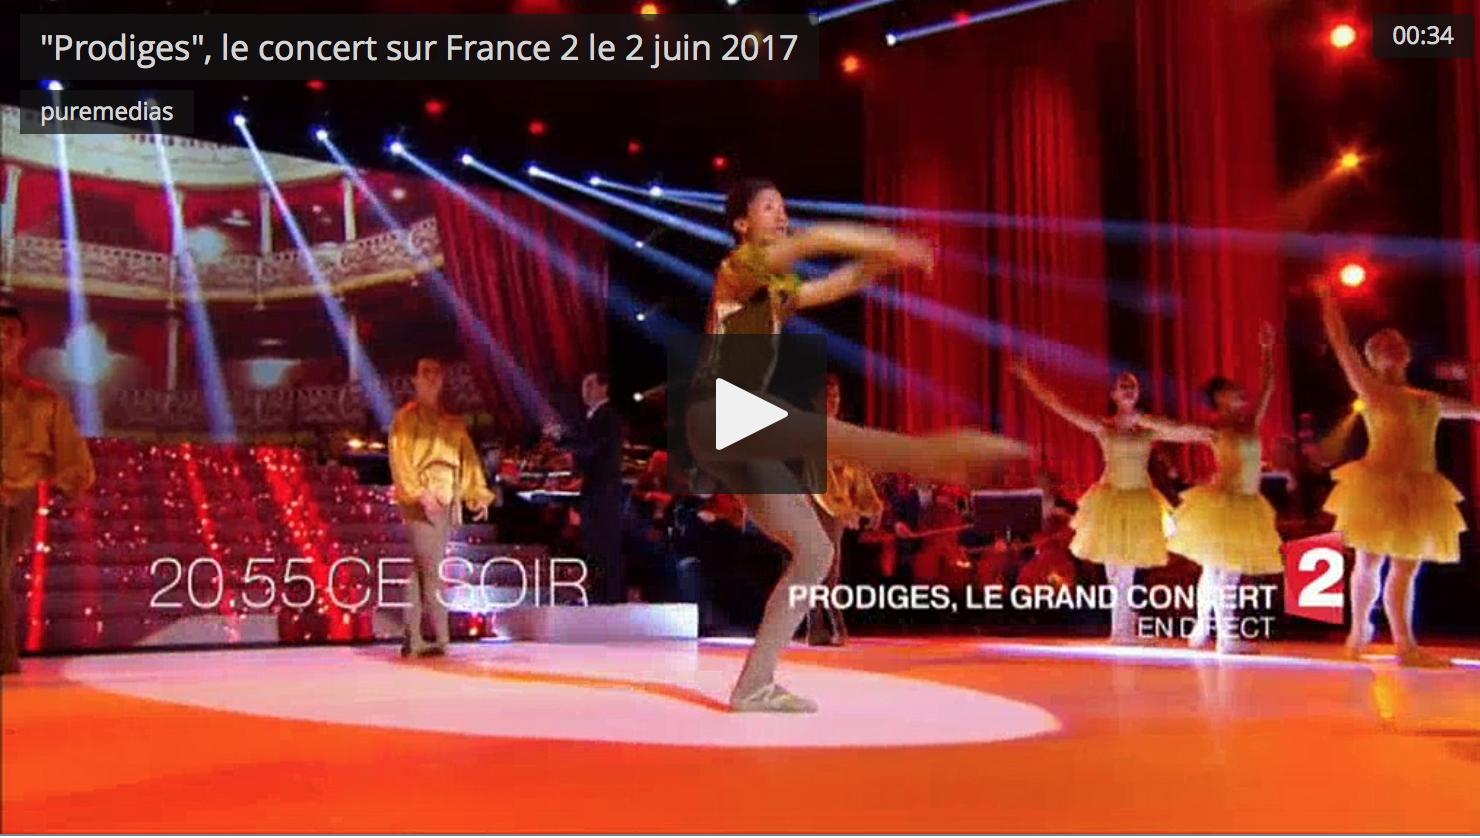 «Prodiges» sur France2 : nos jeunes ont du talent, oui la culture française existe, m'sieur Macron